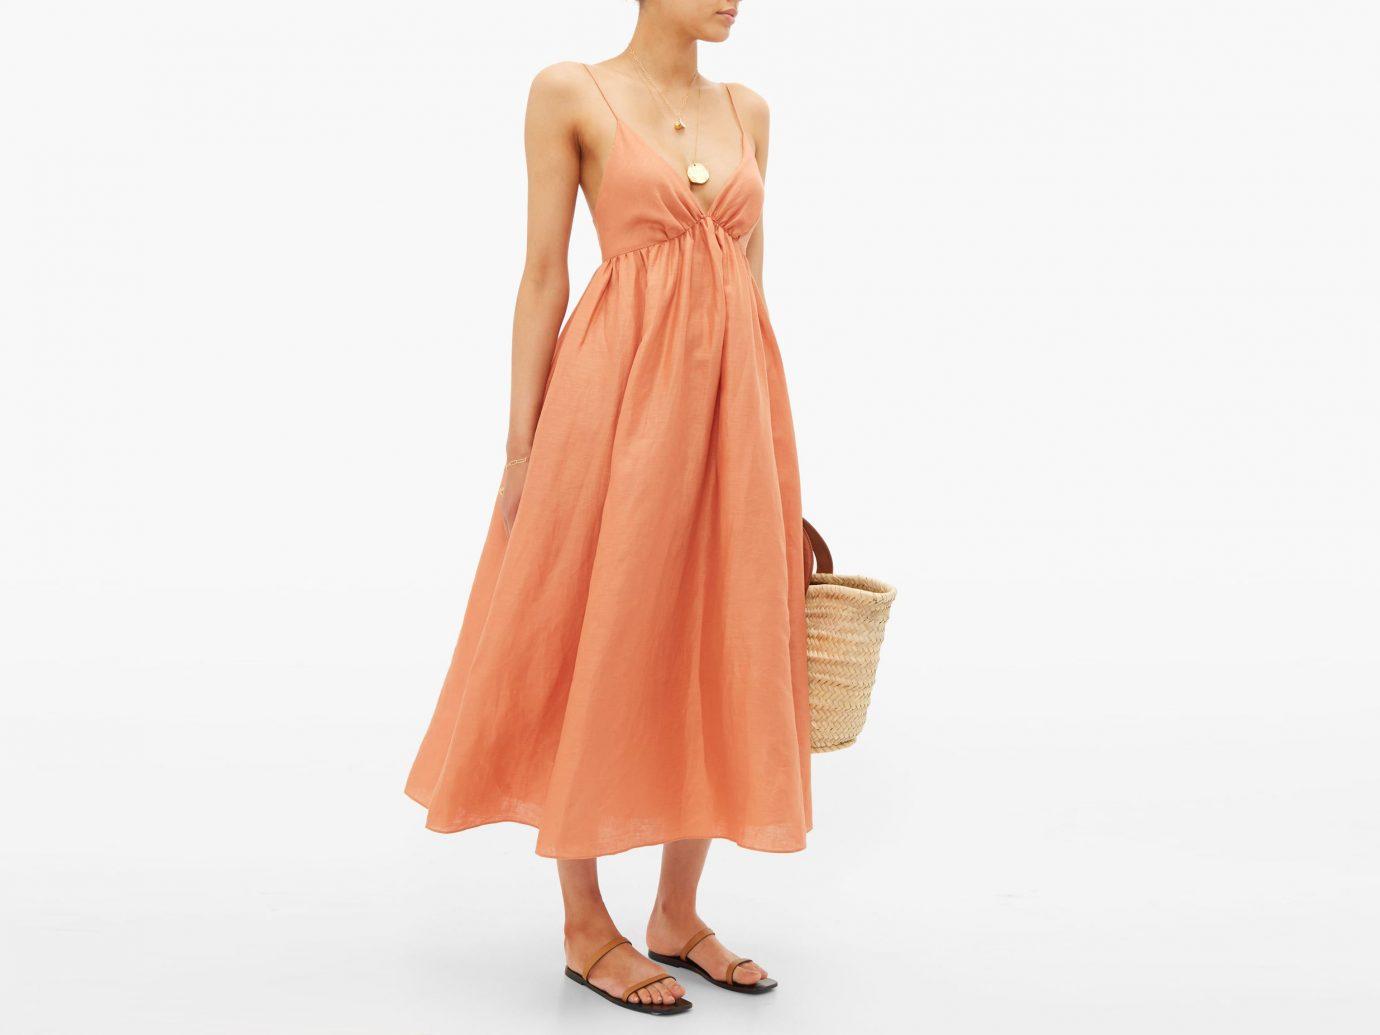 Loup Charmant Adelaide linen maxi dress